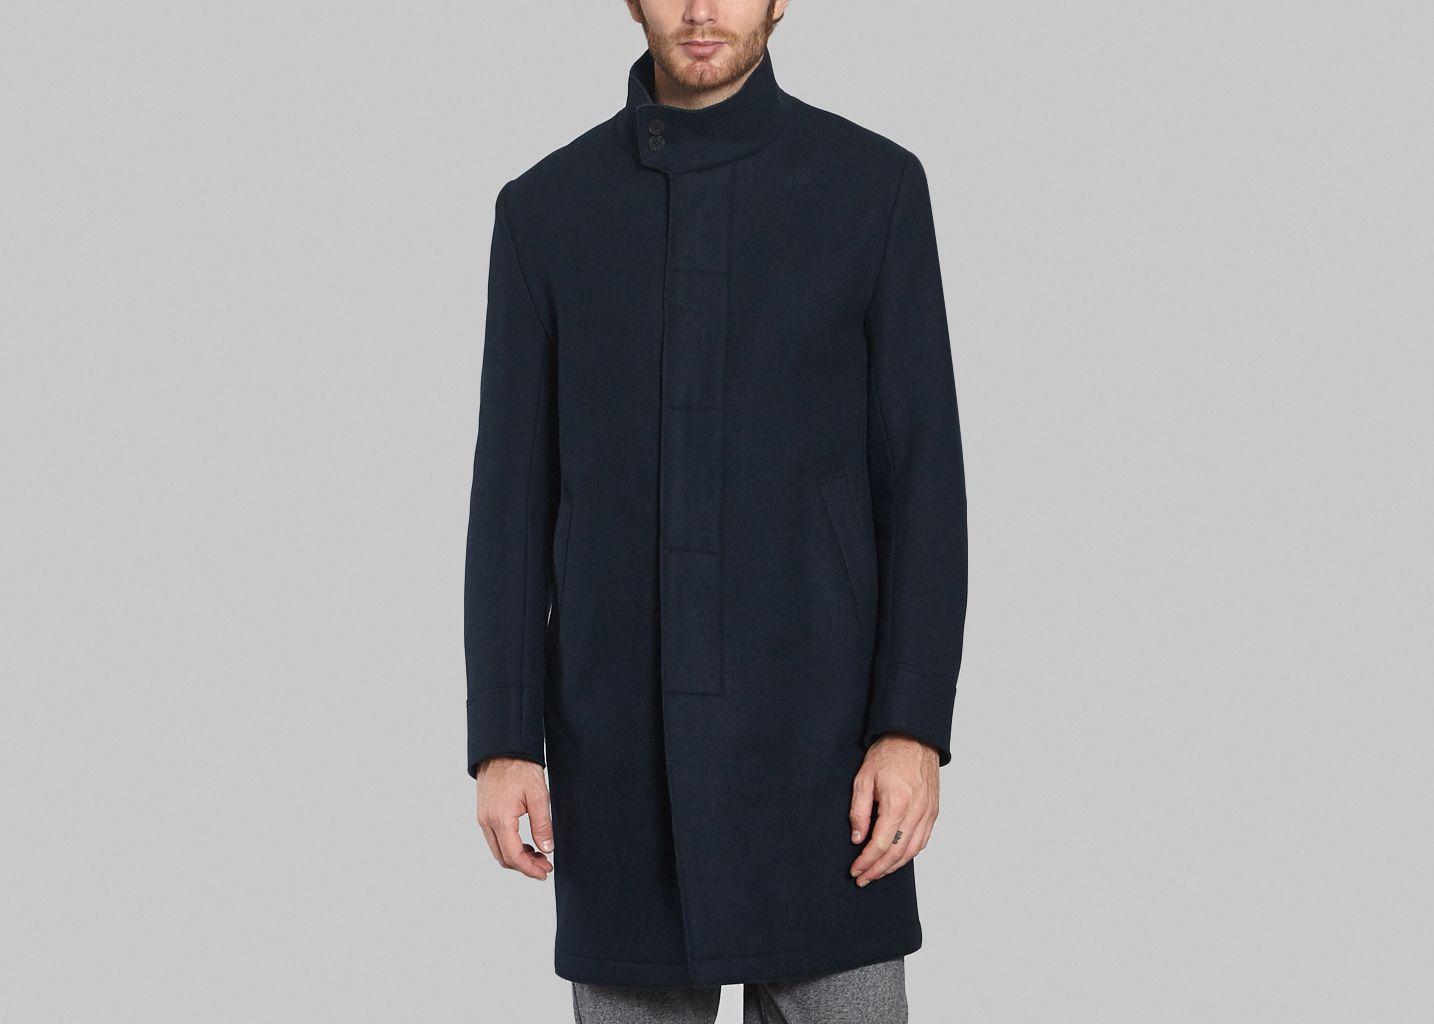 manteau laine et cachemire kenzo bleu marine l 39 exception. Black Bedroom Furniture Sets. Home Design Ideas